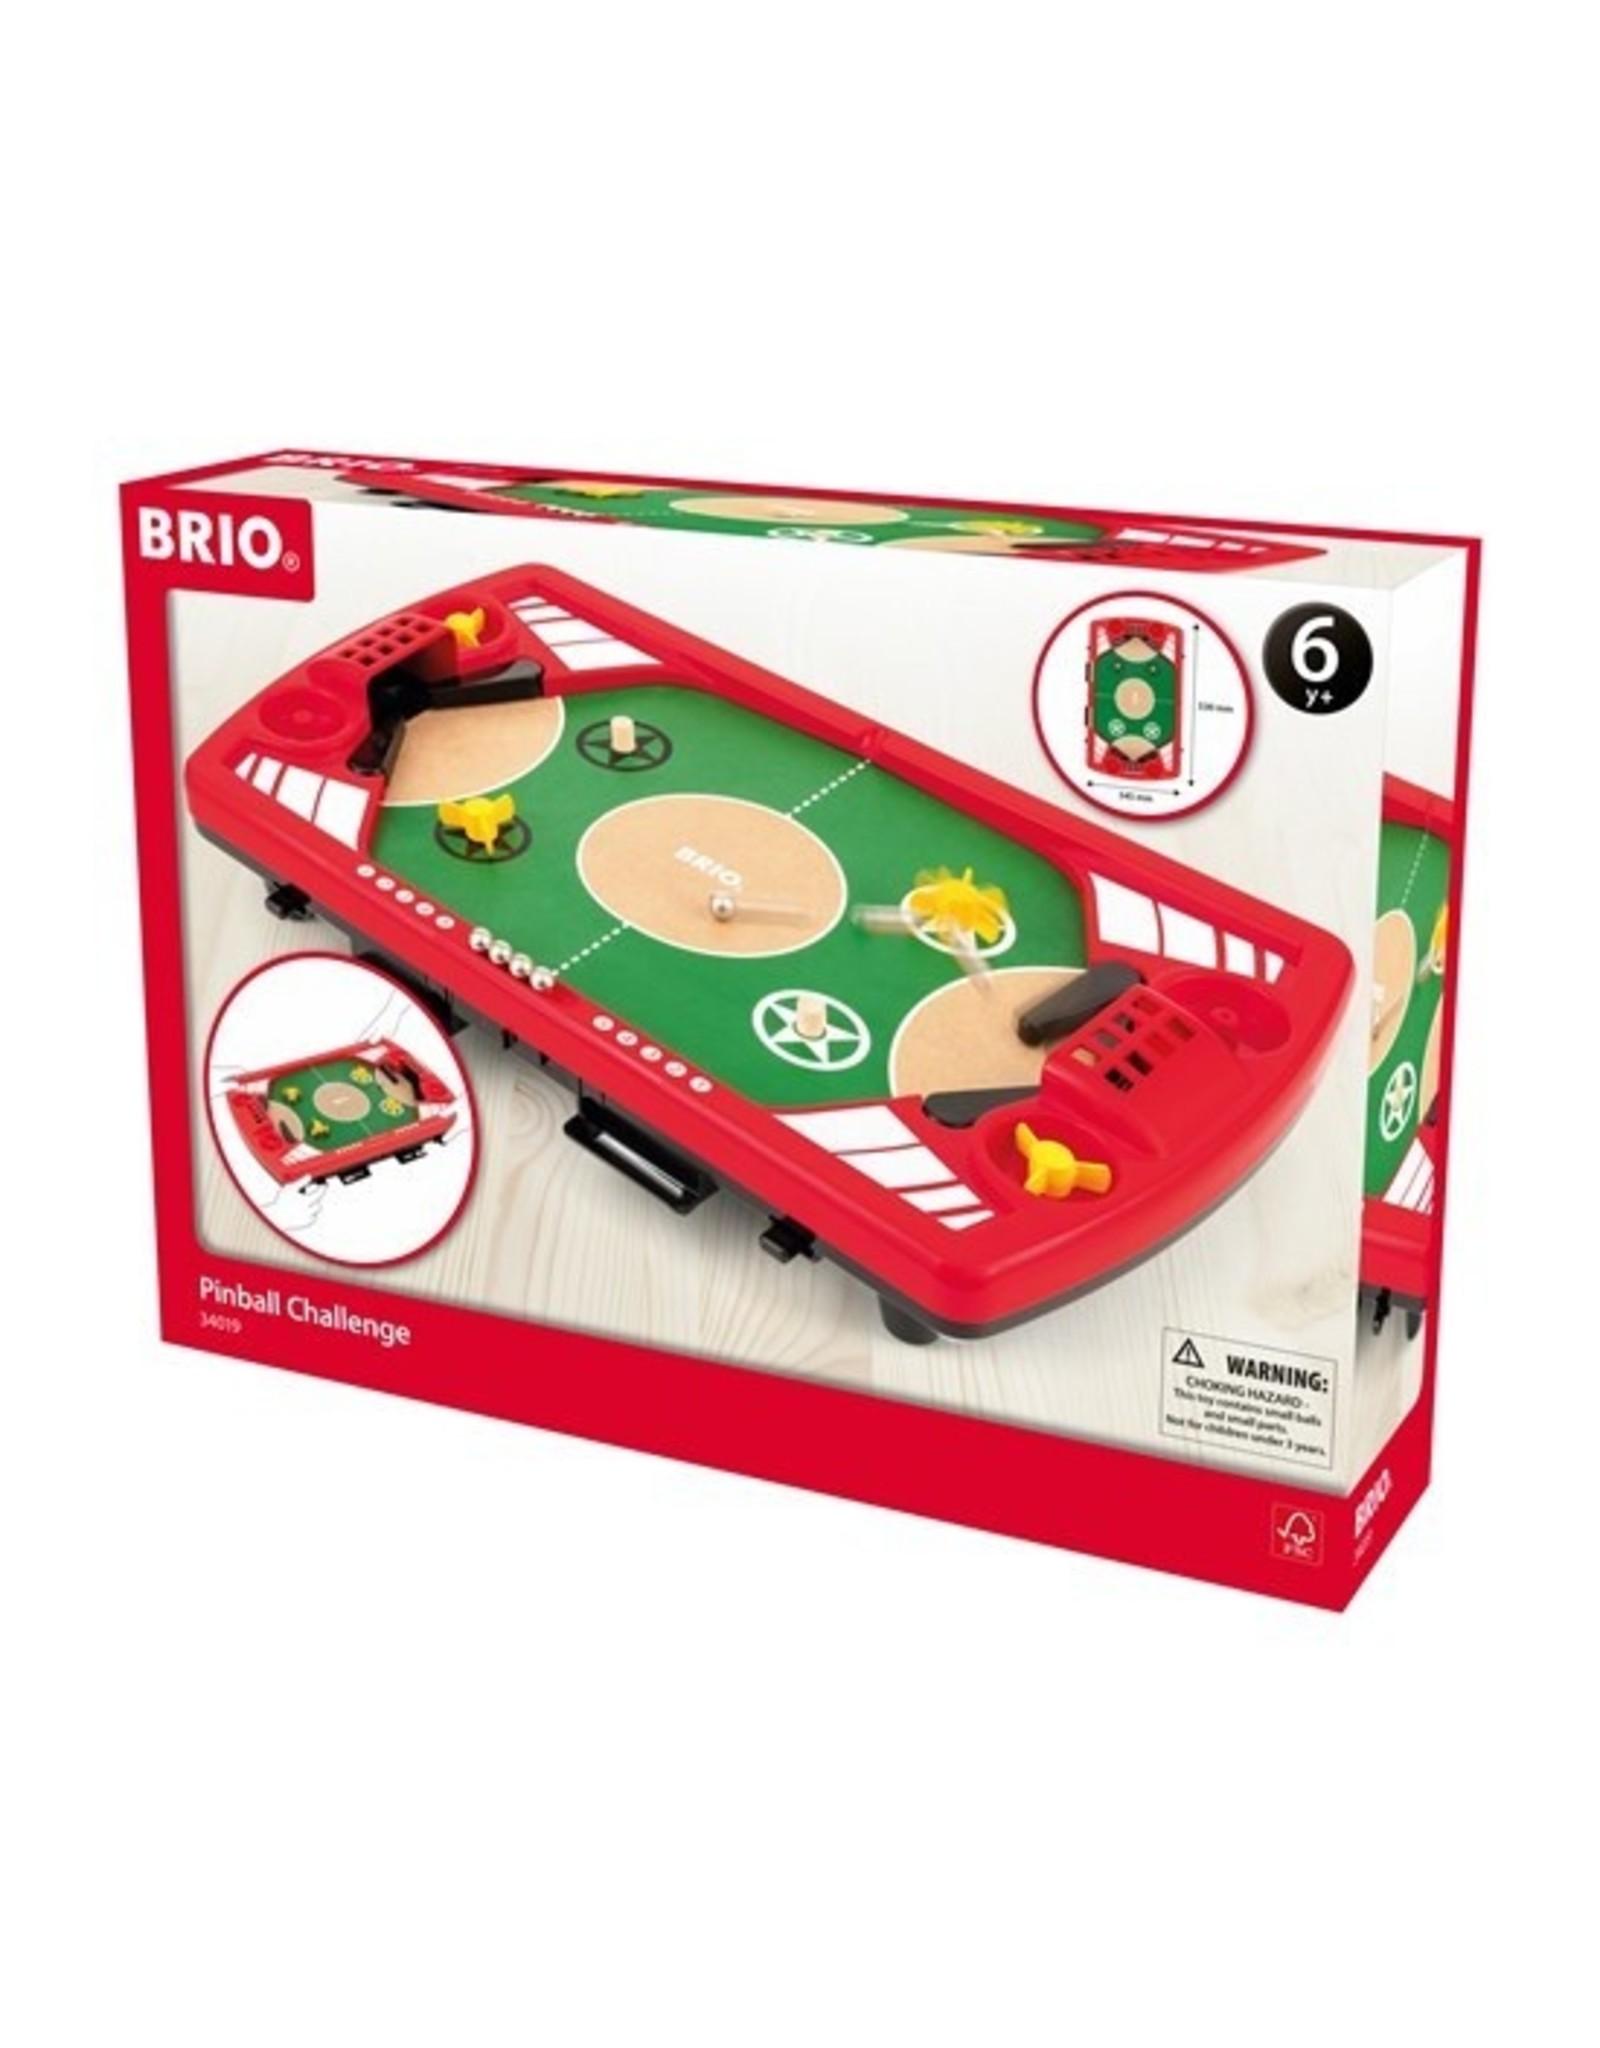 Brio Pinball Challenge